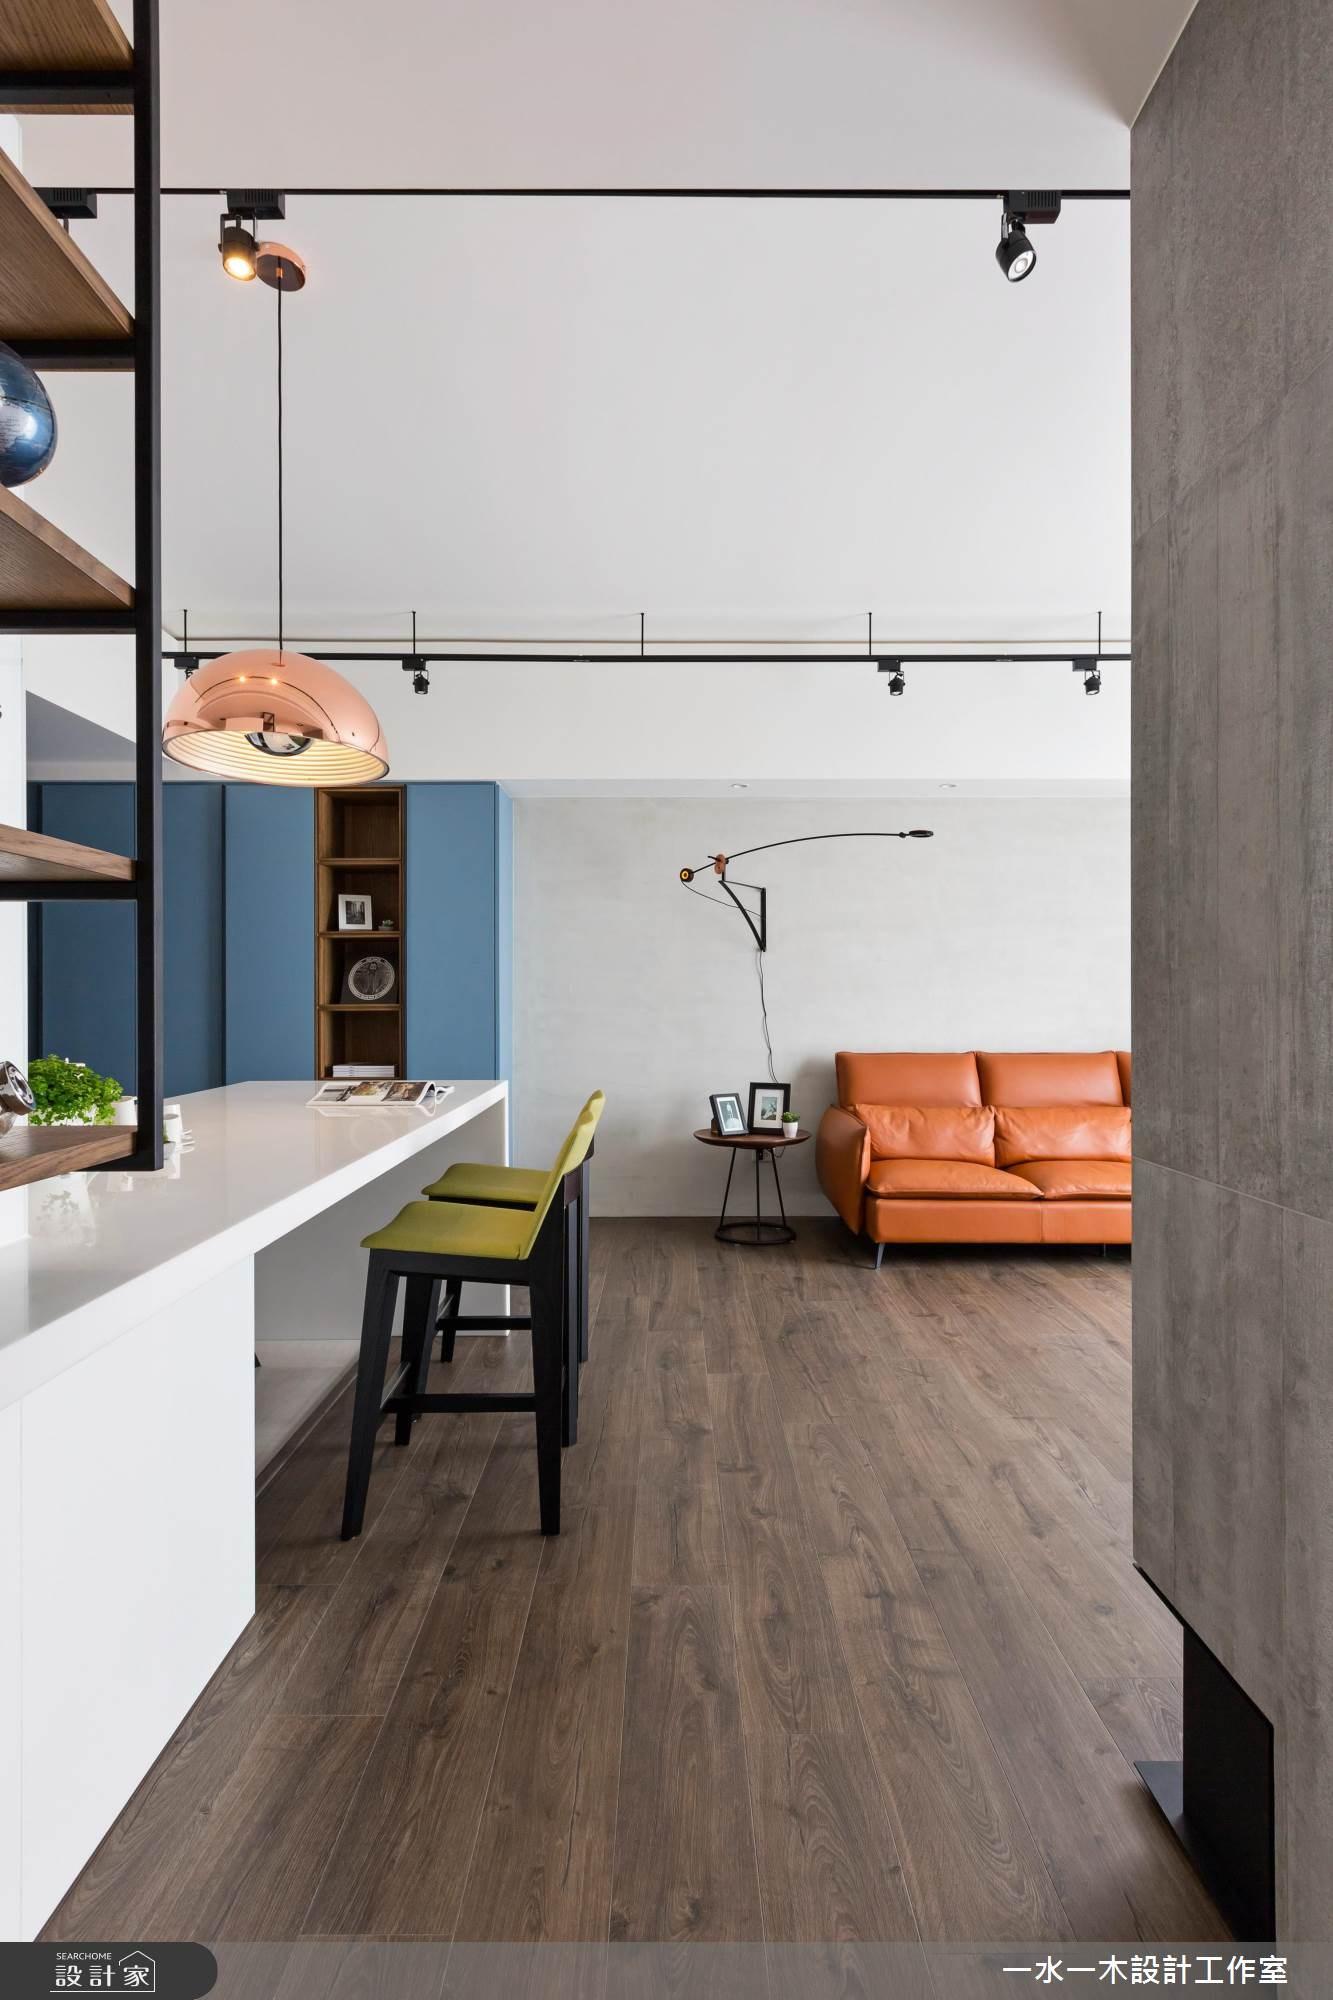 23坪新成屋(5年以下)_工業風餐廳案例圖片_一水一木設計工作室_一水一木_34之15